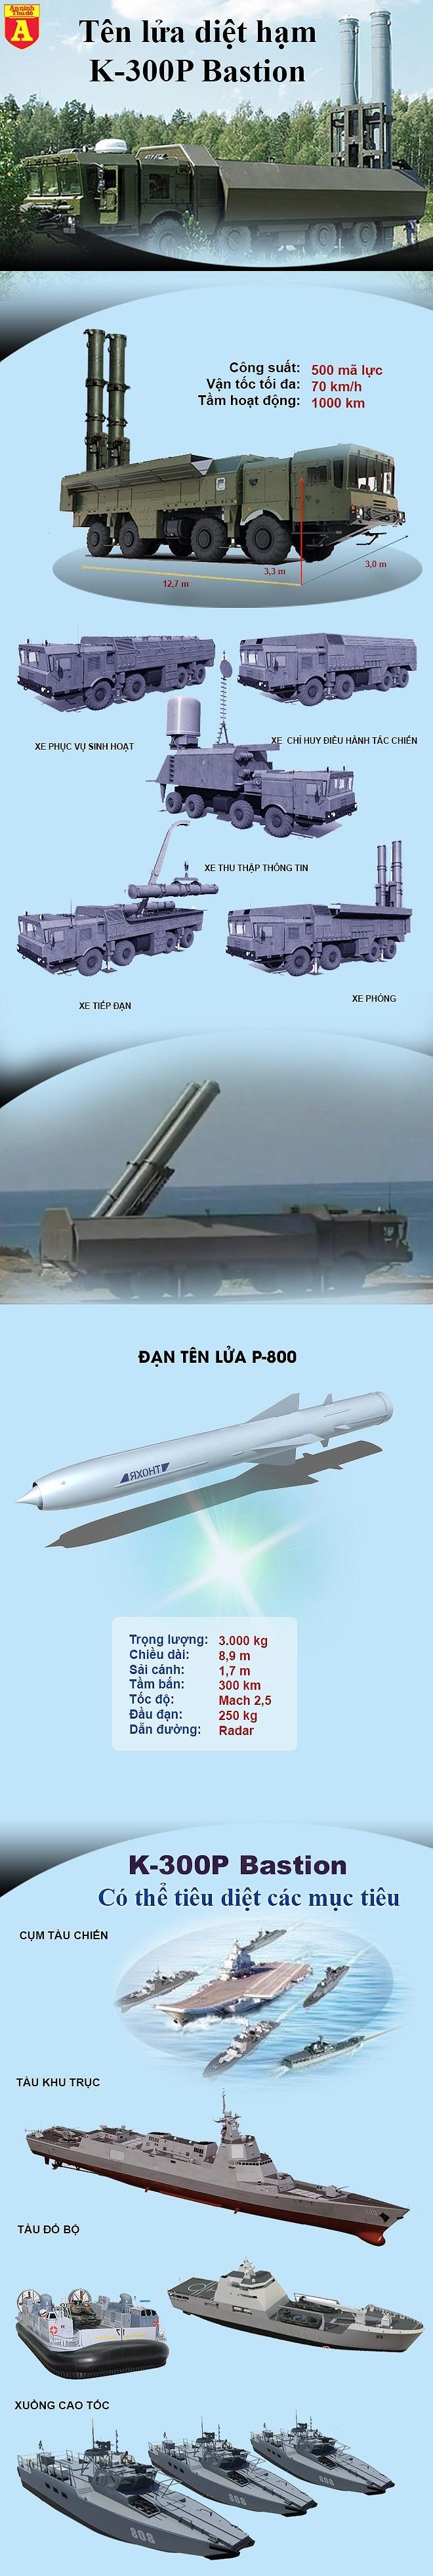 [ĐỒ HỌA] Sát thủ K-300P Nga trang bị cho Syria cực mạnh sẽ làm Mỹ do dự khi bấm nút bắn Tomahawk? ảnh 3